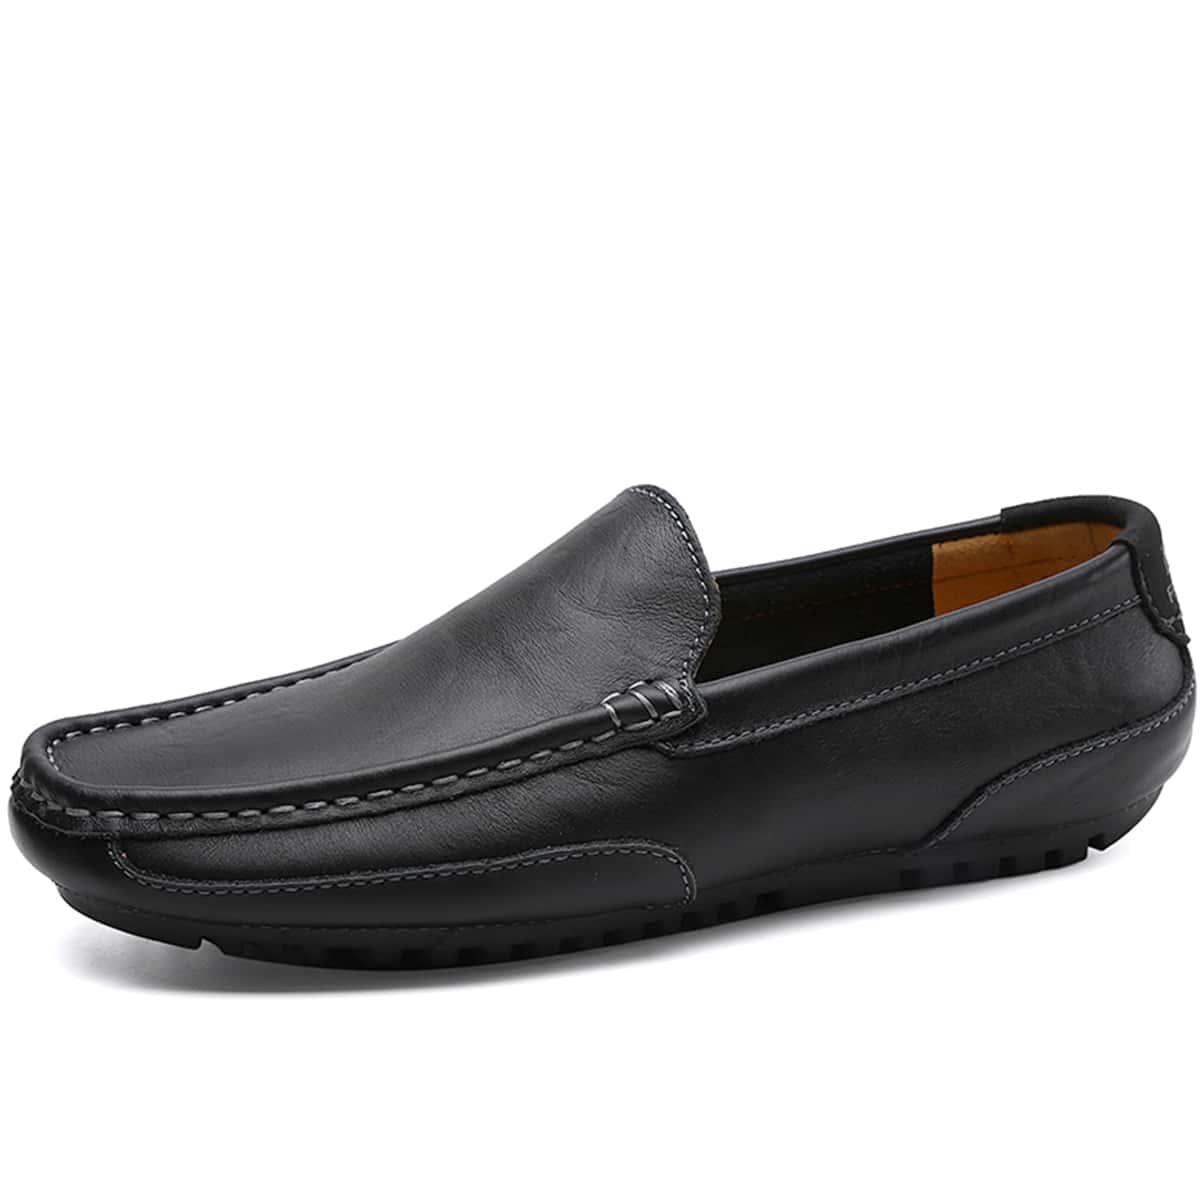 Männer Loafers mit Stich